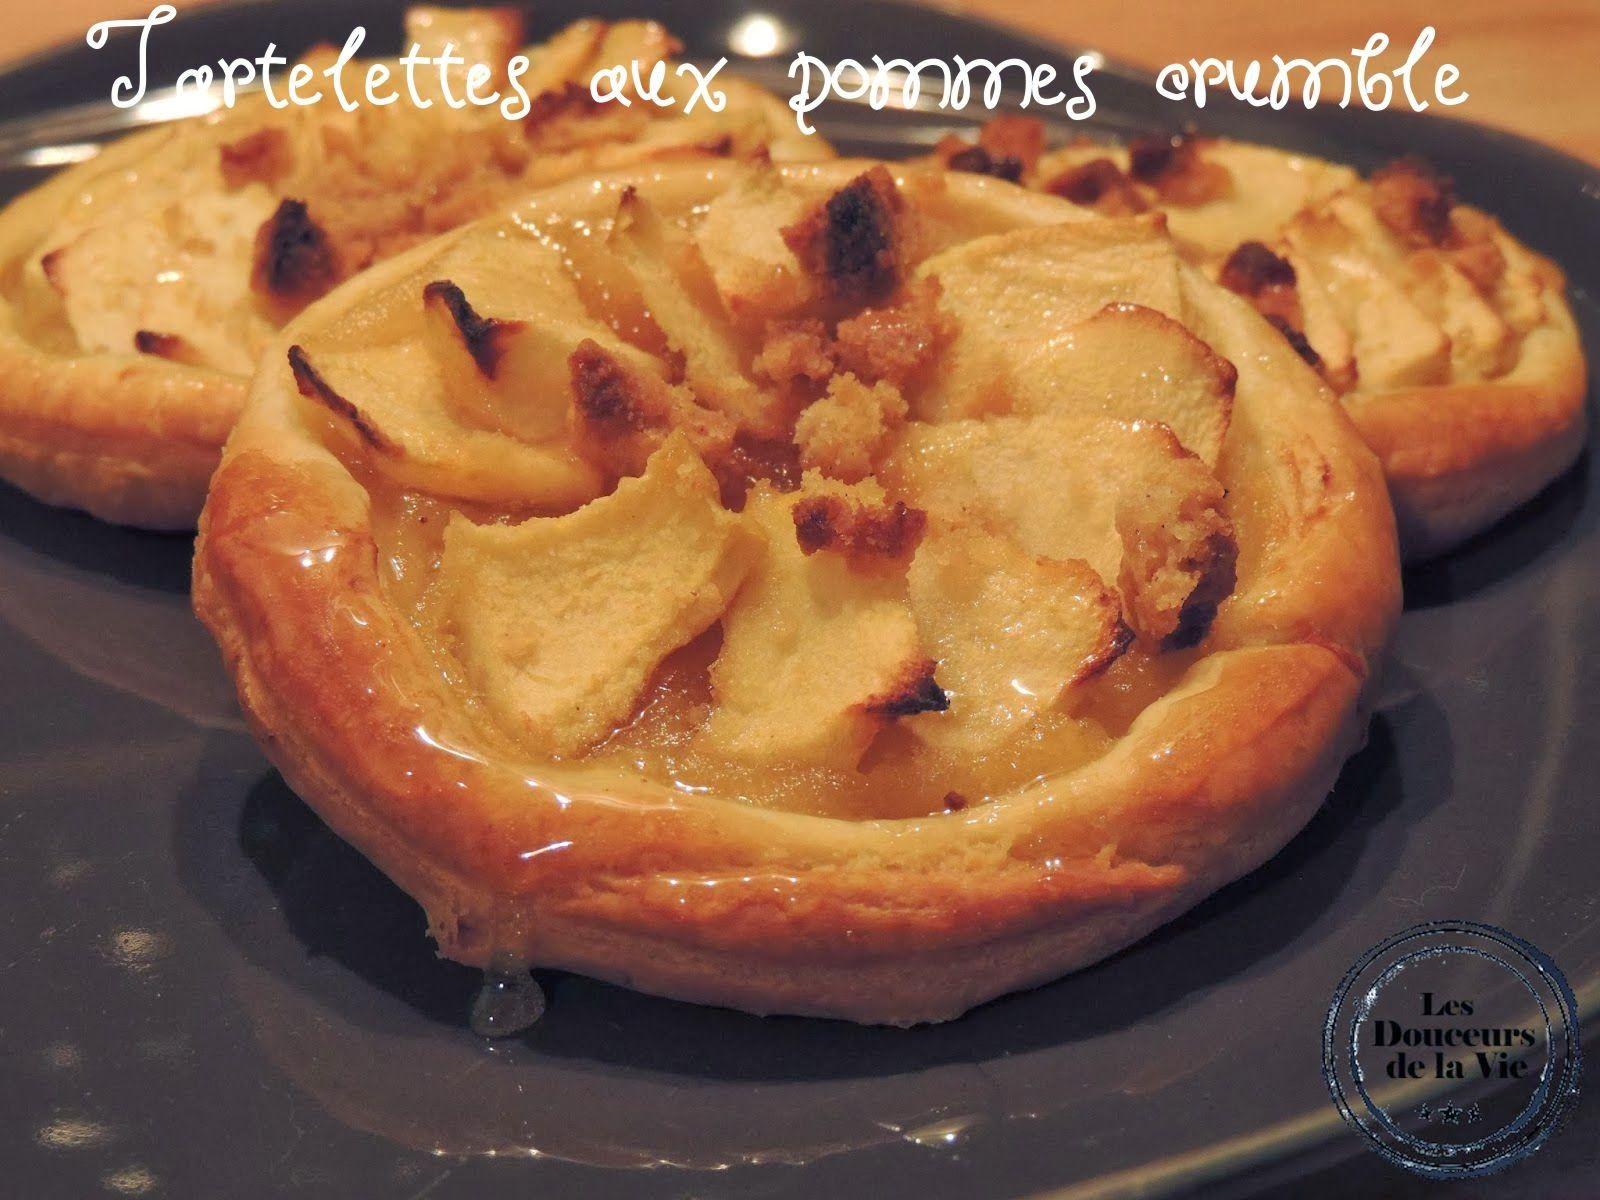 Tartelettes Aux Pommes Crumble De Loulou http://lesdouceursdelavie.blogspot.fr/2014/02/tartelettes-aux-pommes-crumble-de-loulou.html